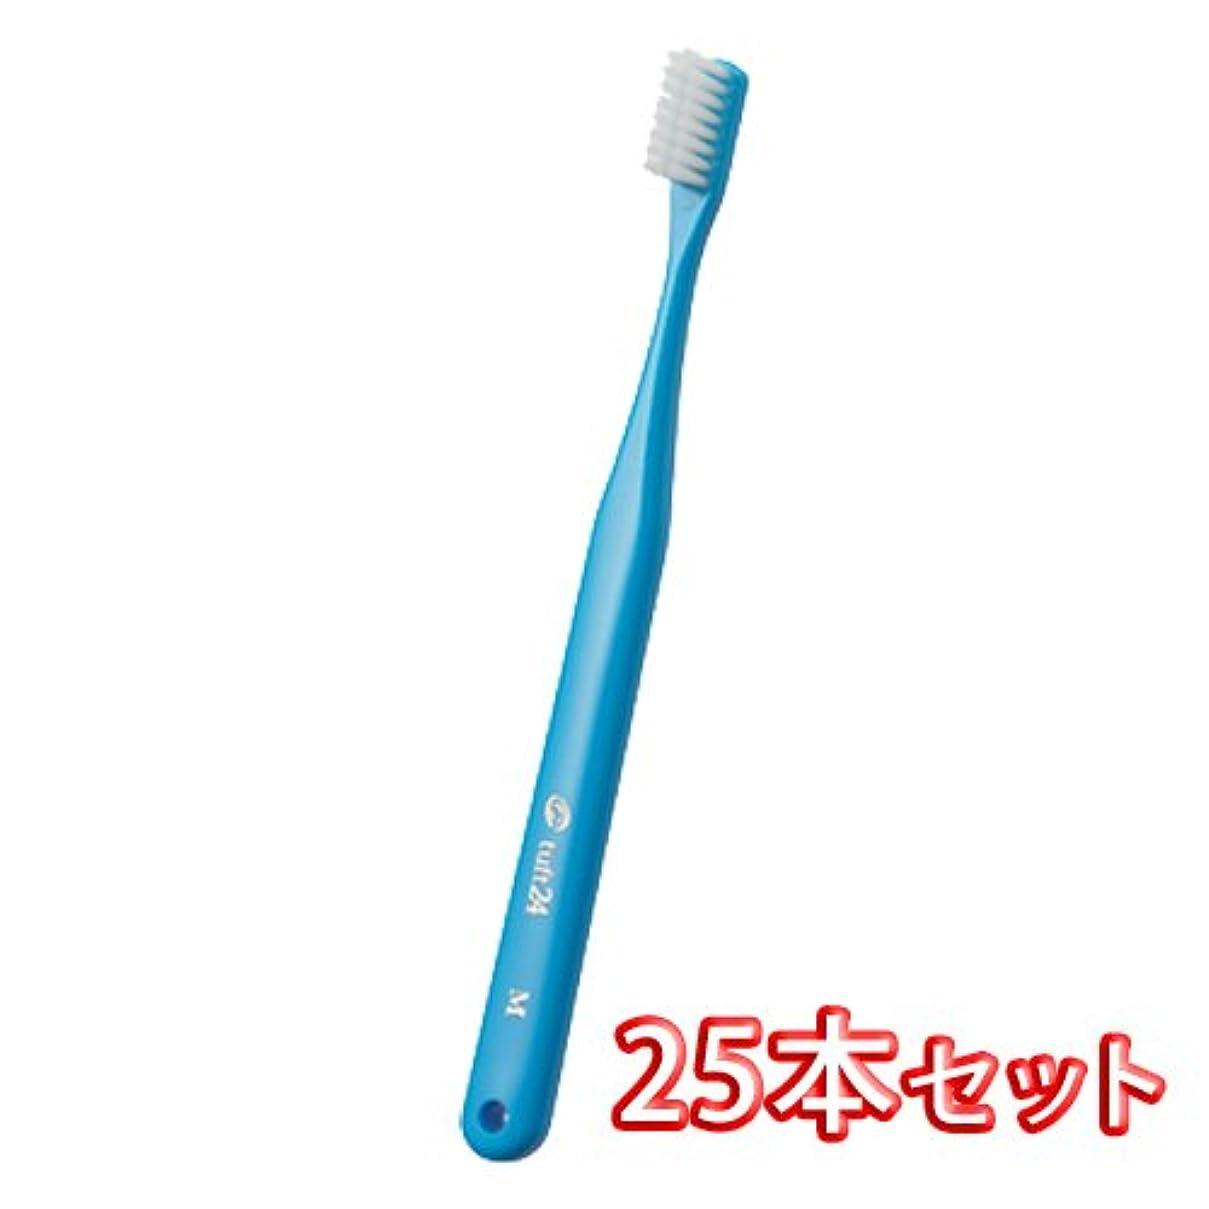 友情気楽な責任者オーラルケア キャップ付き タフト 24 歯ブラシ エクストラスーパーソフト 25本 (ブルー)